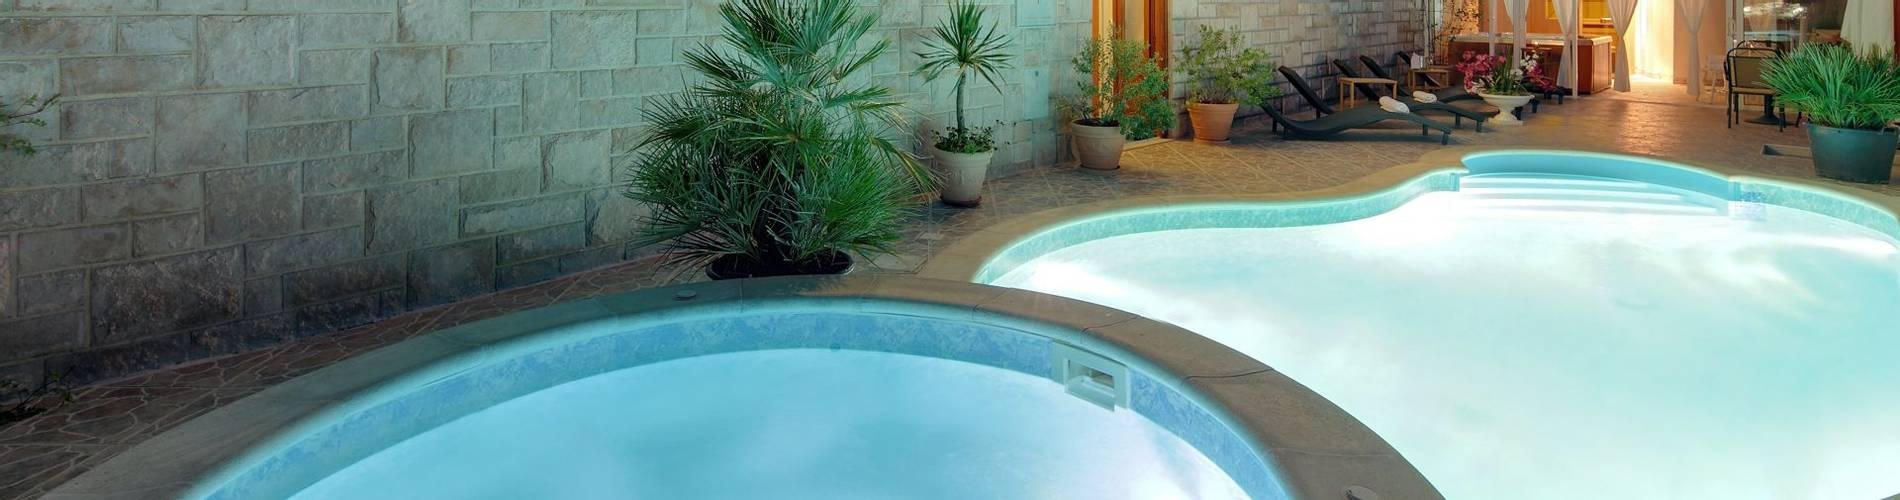 Hotel Villa ADRIATICA 2014 ZOurdoor 6X4 Pool 2 14MB.jpg